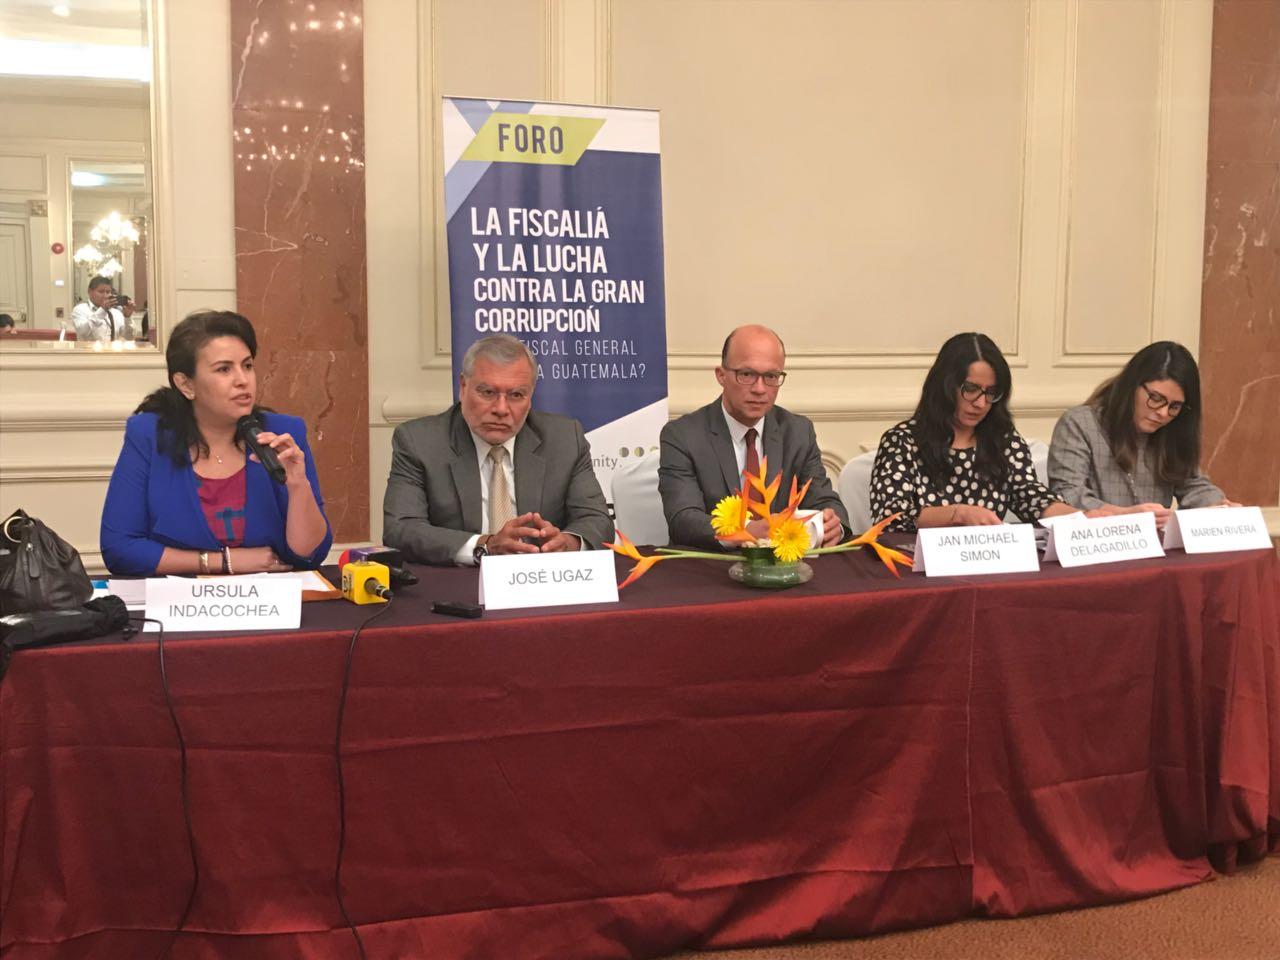 José Ugaz EU Emisoras Unidas Guatemala